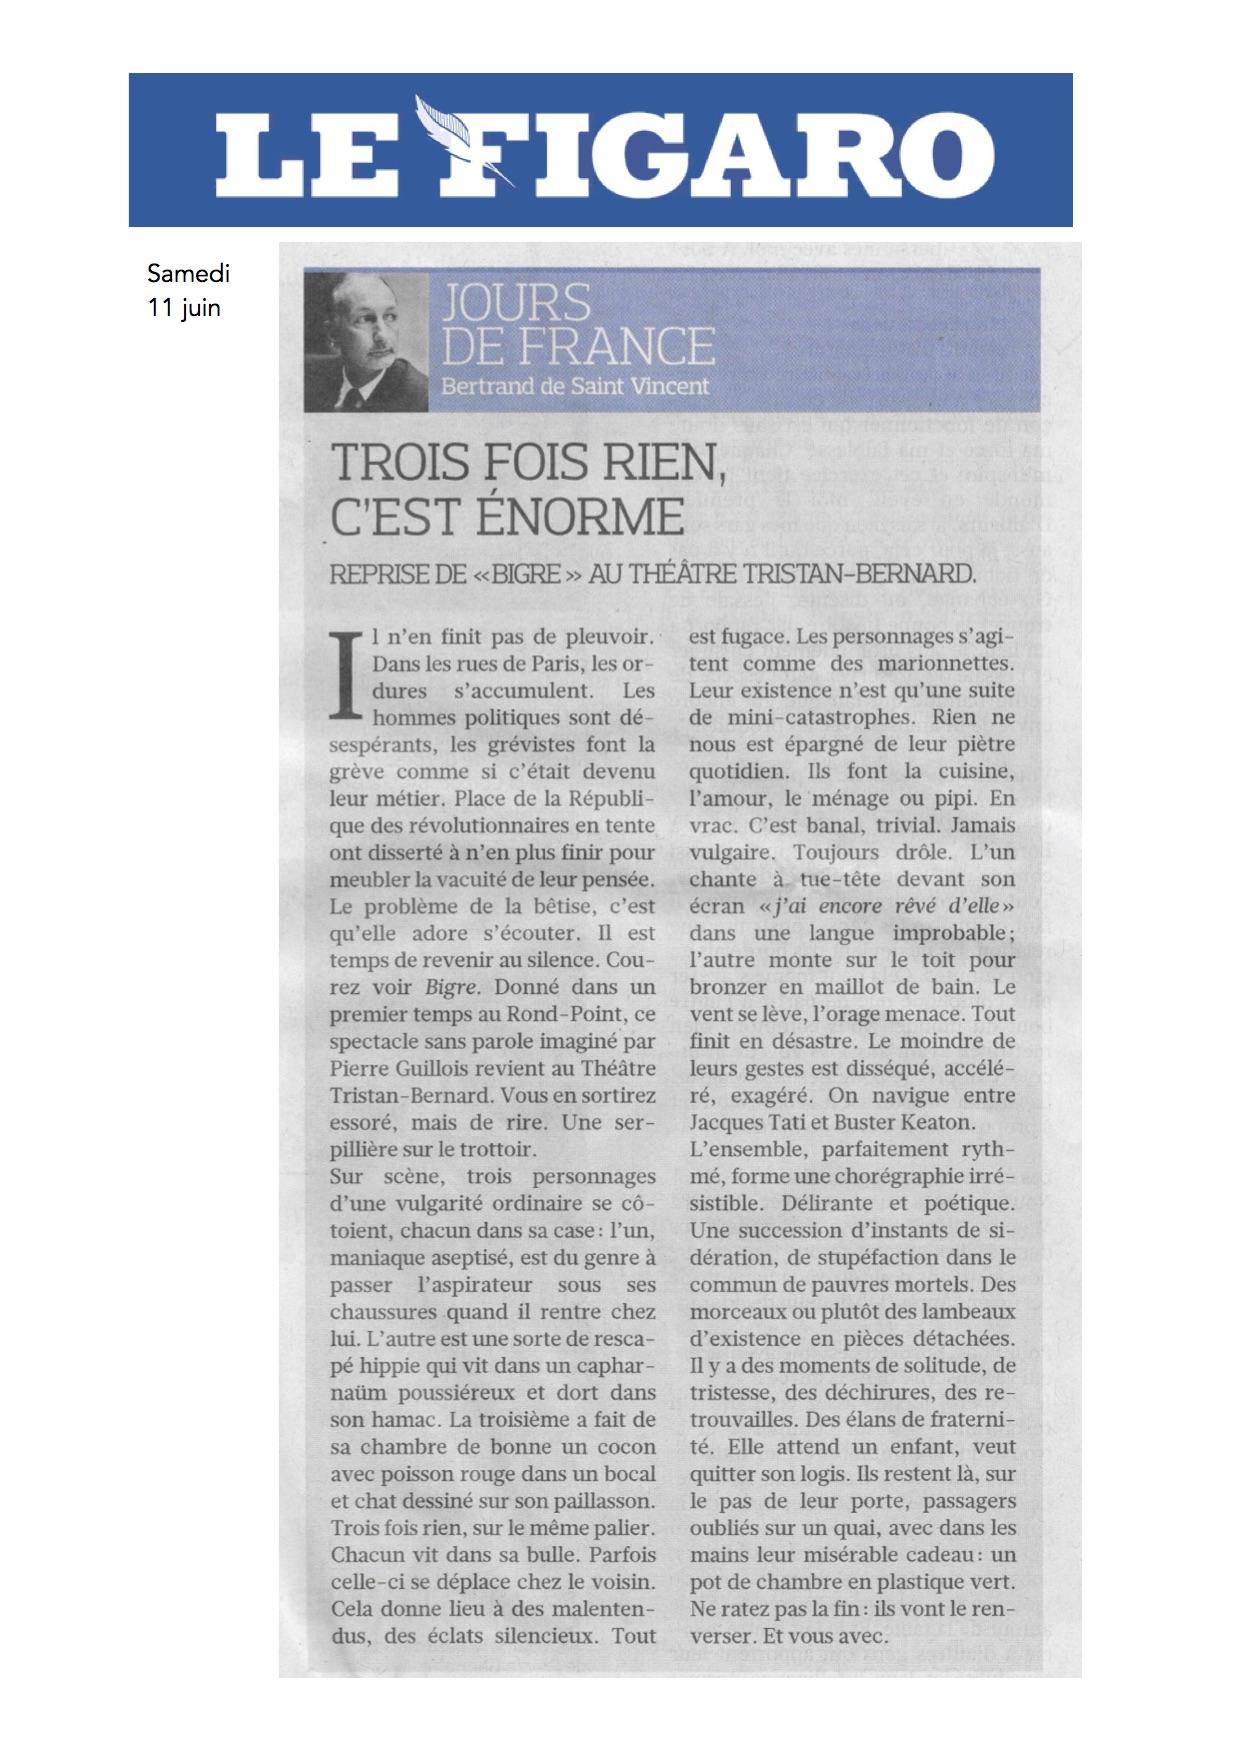 Le Figaro 11.06.16